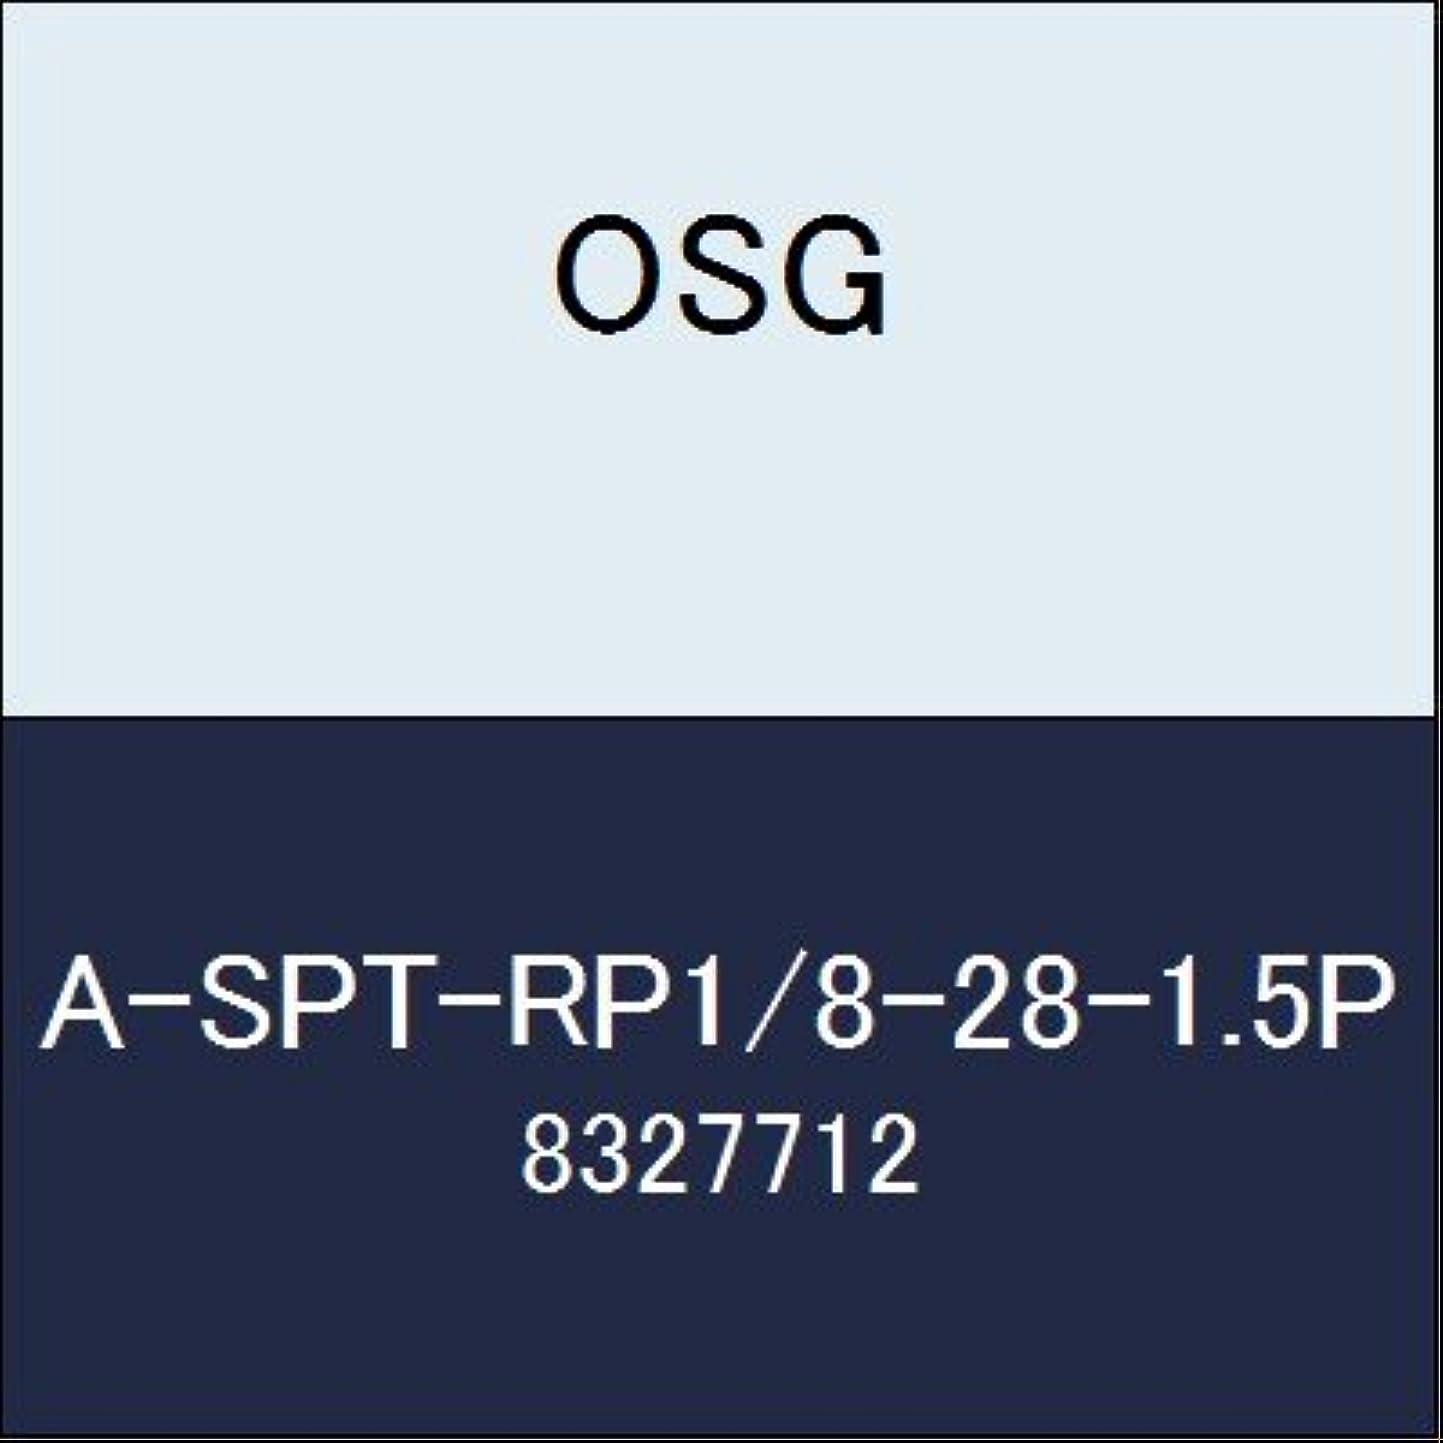 等郵便番号お嬢OSG ハイス管用平行タップ A-SPT-RP1/8-28-1.5P 商品番号 8327712